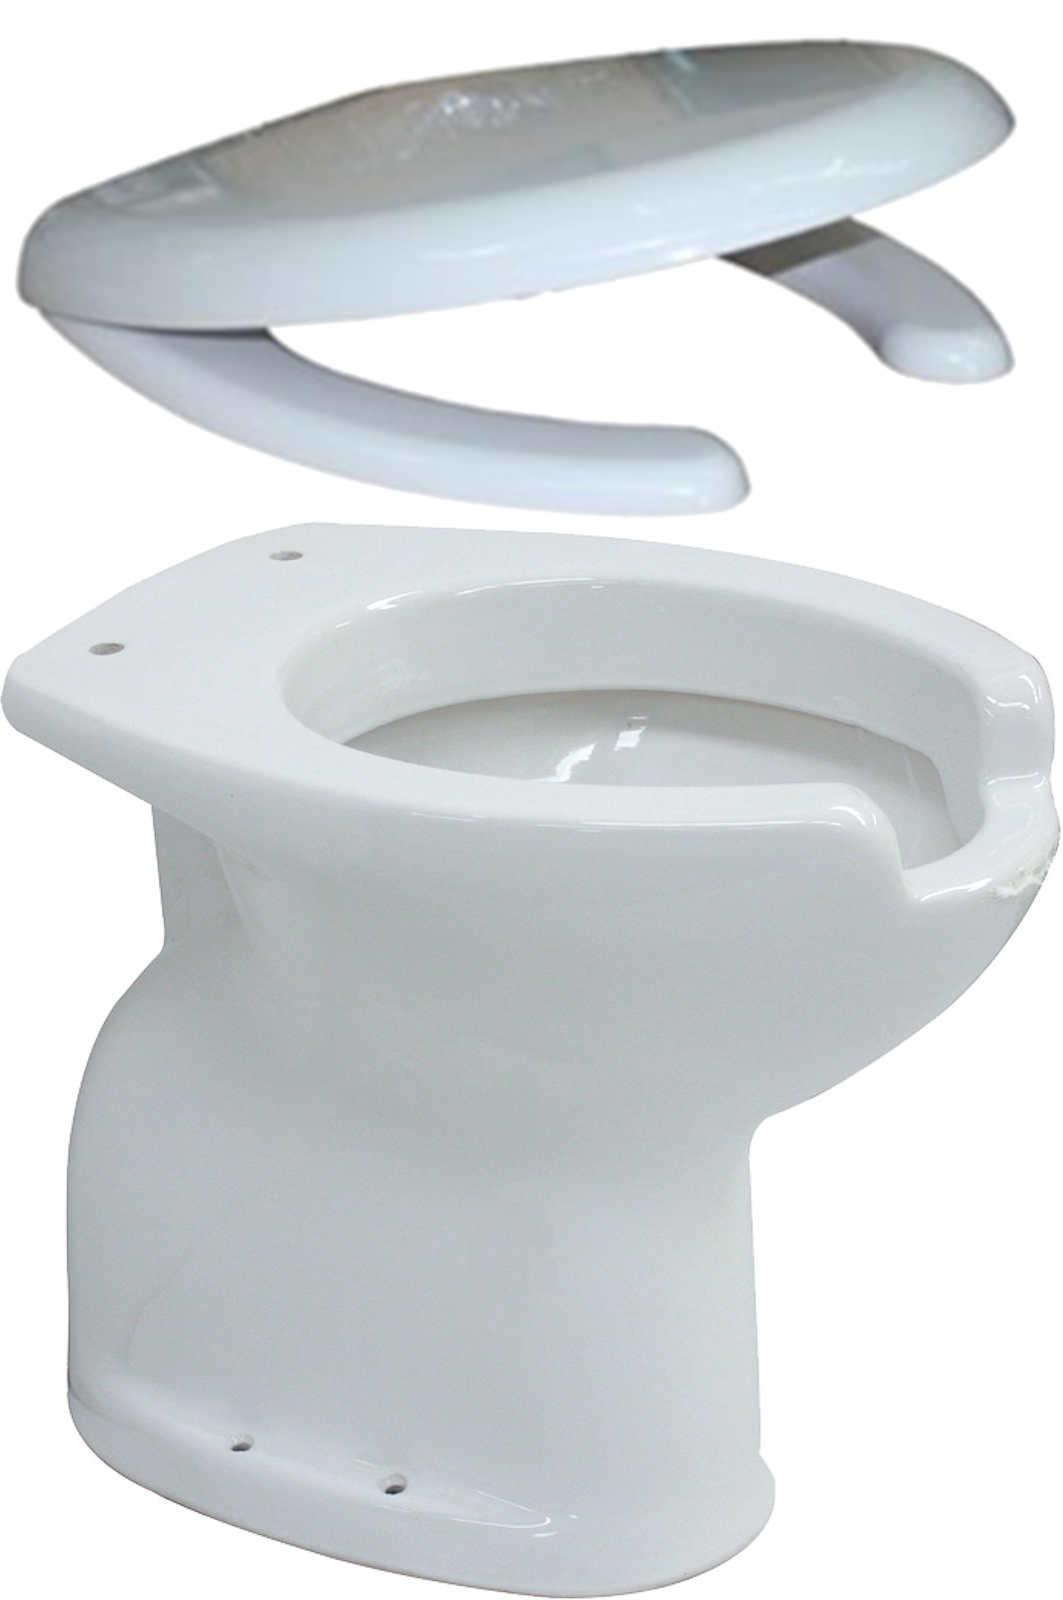 Sanitari bagno water e vaso e coprivaso disabili o anziani con apertura frontale  eBay